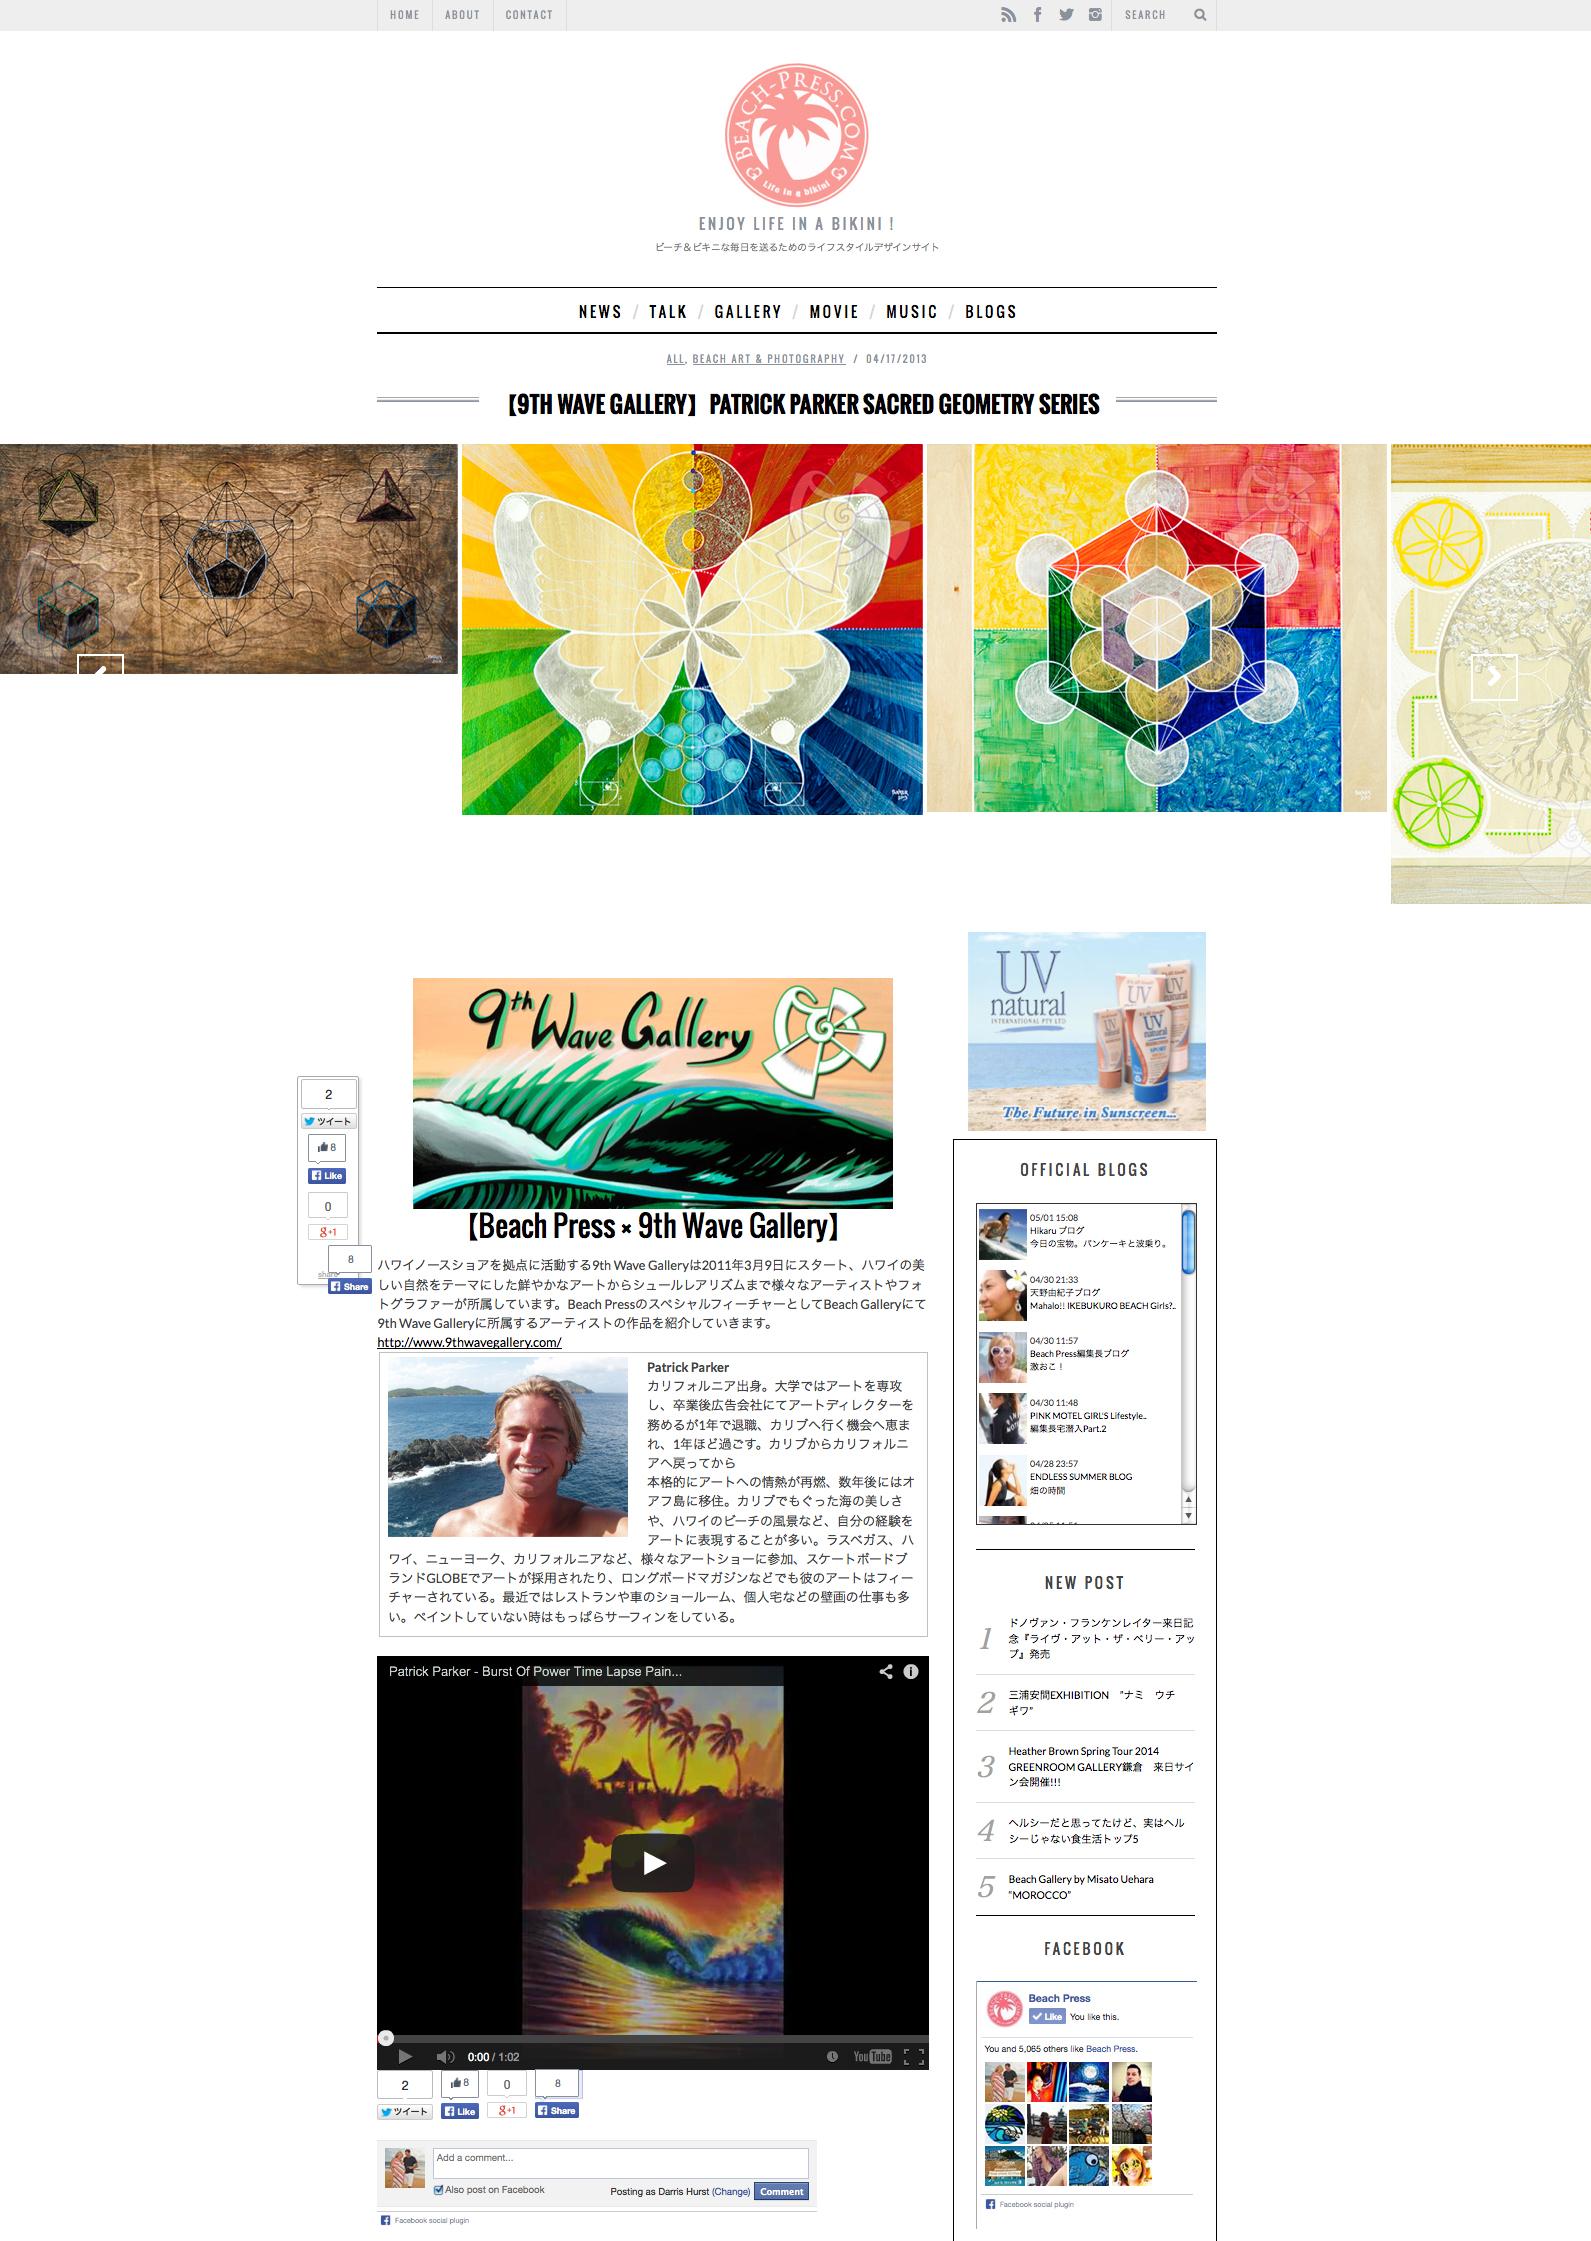 2013-04-17-patrick-parker-beach-press.jpg